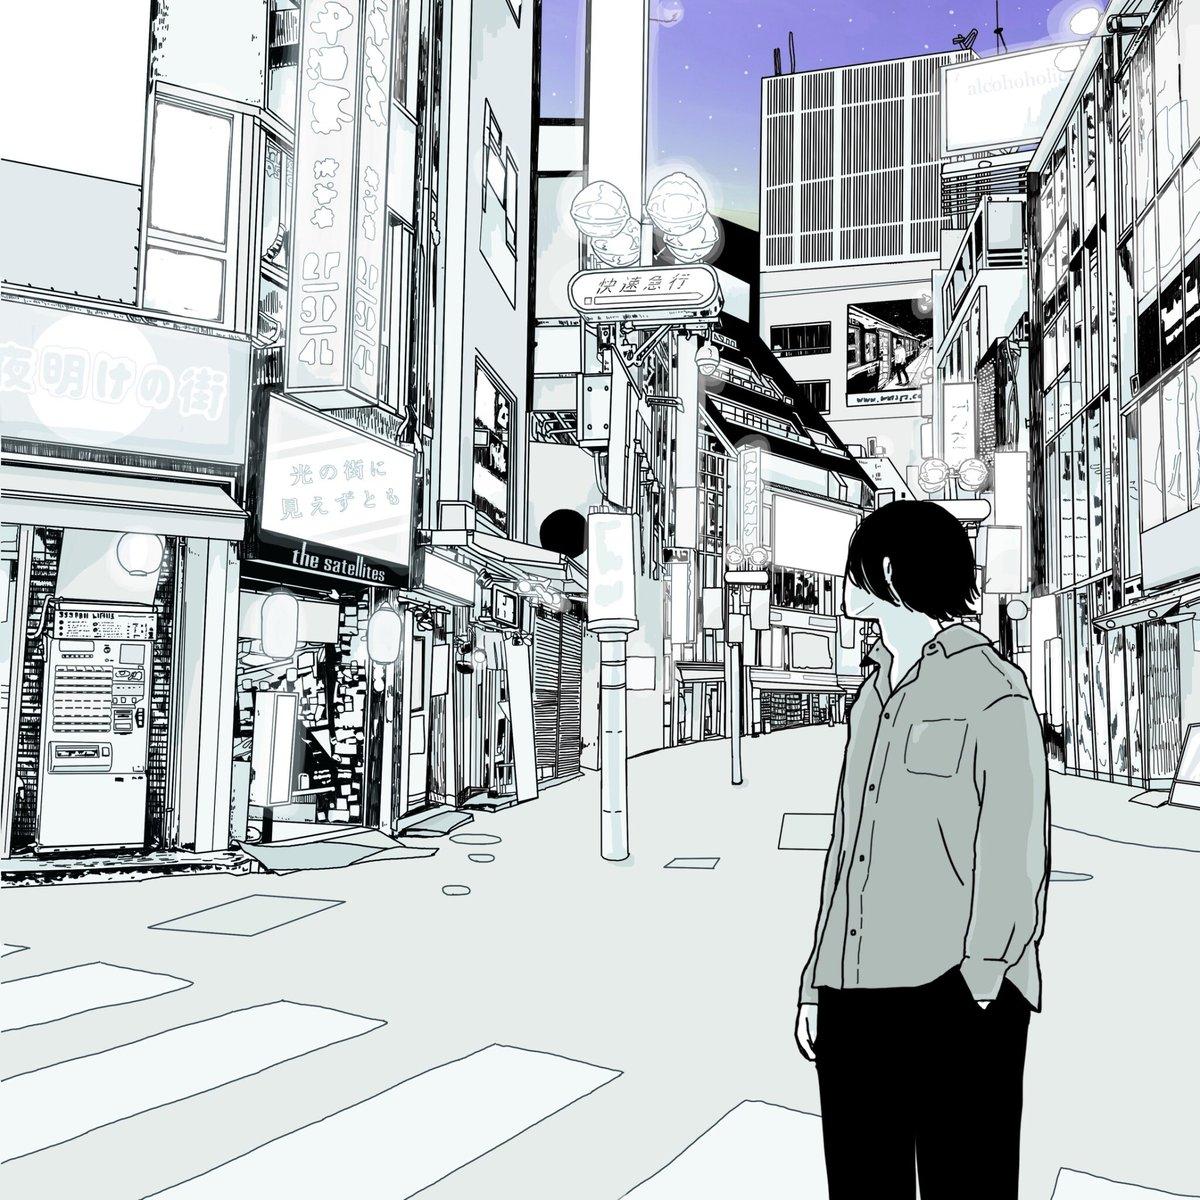 『the satellites 東京 歌詞』収録の『光の街に見えずとも』ジャケット